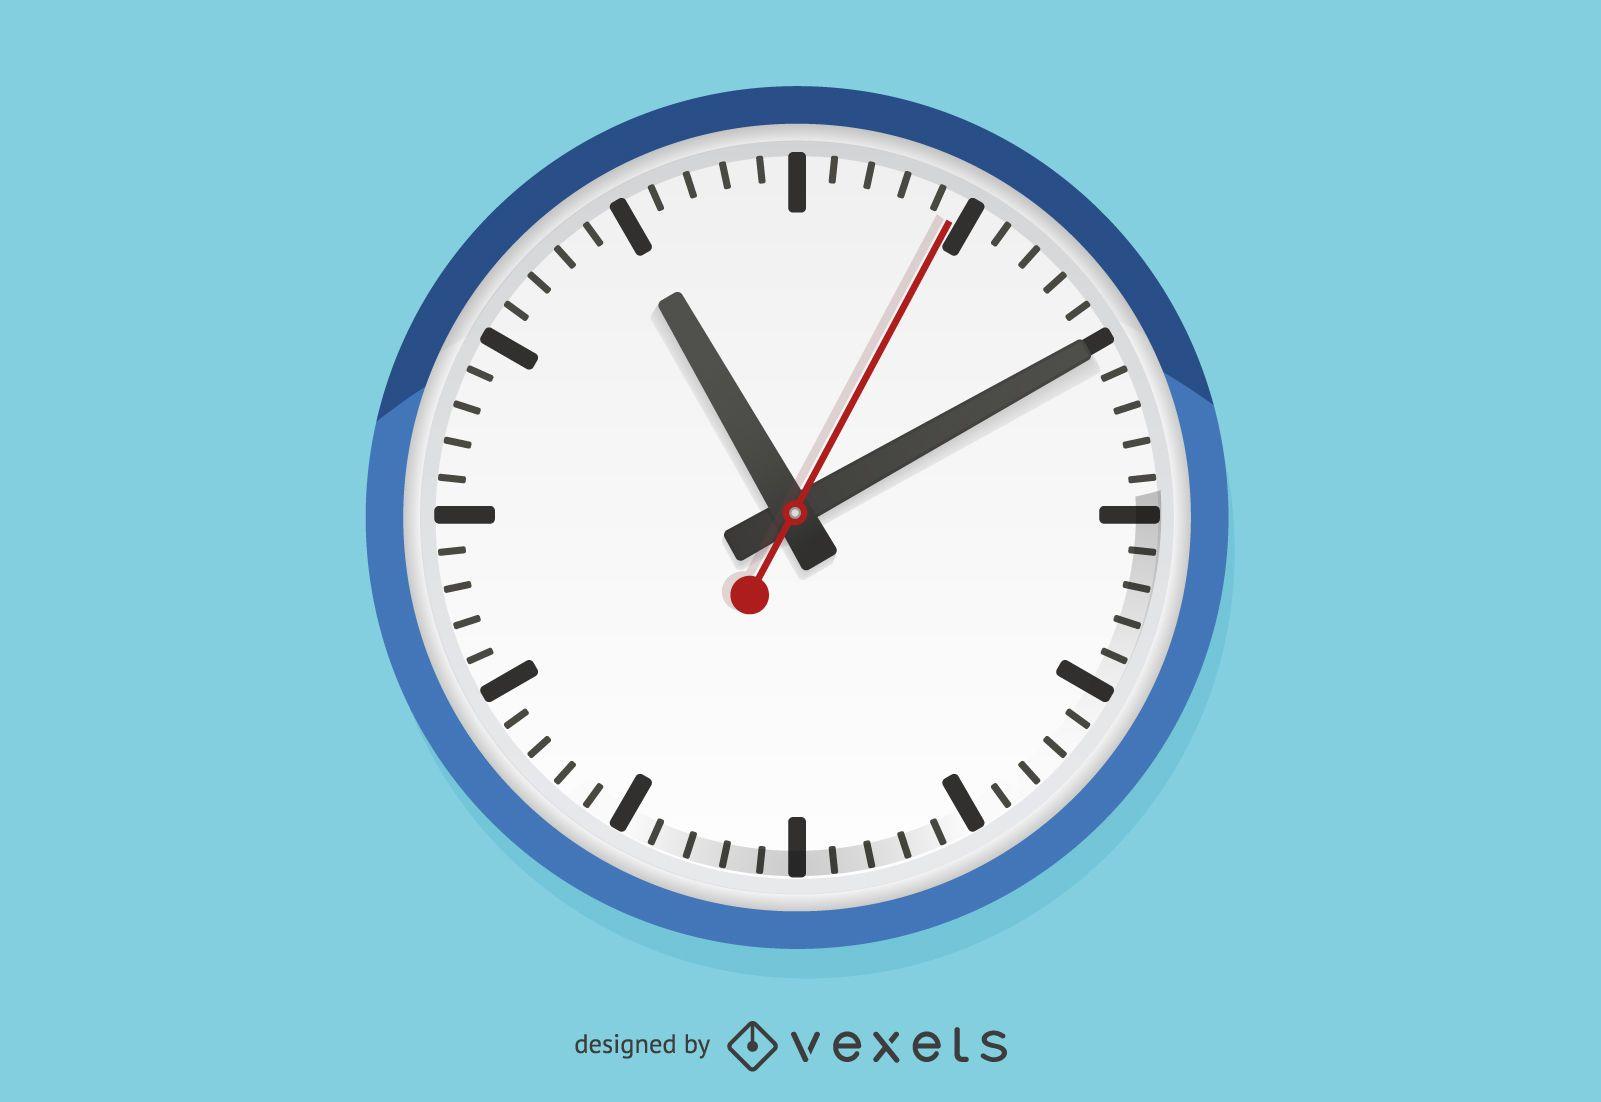 Flat wall clock illustration